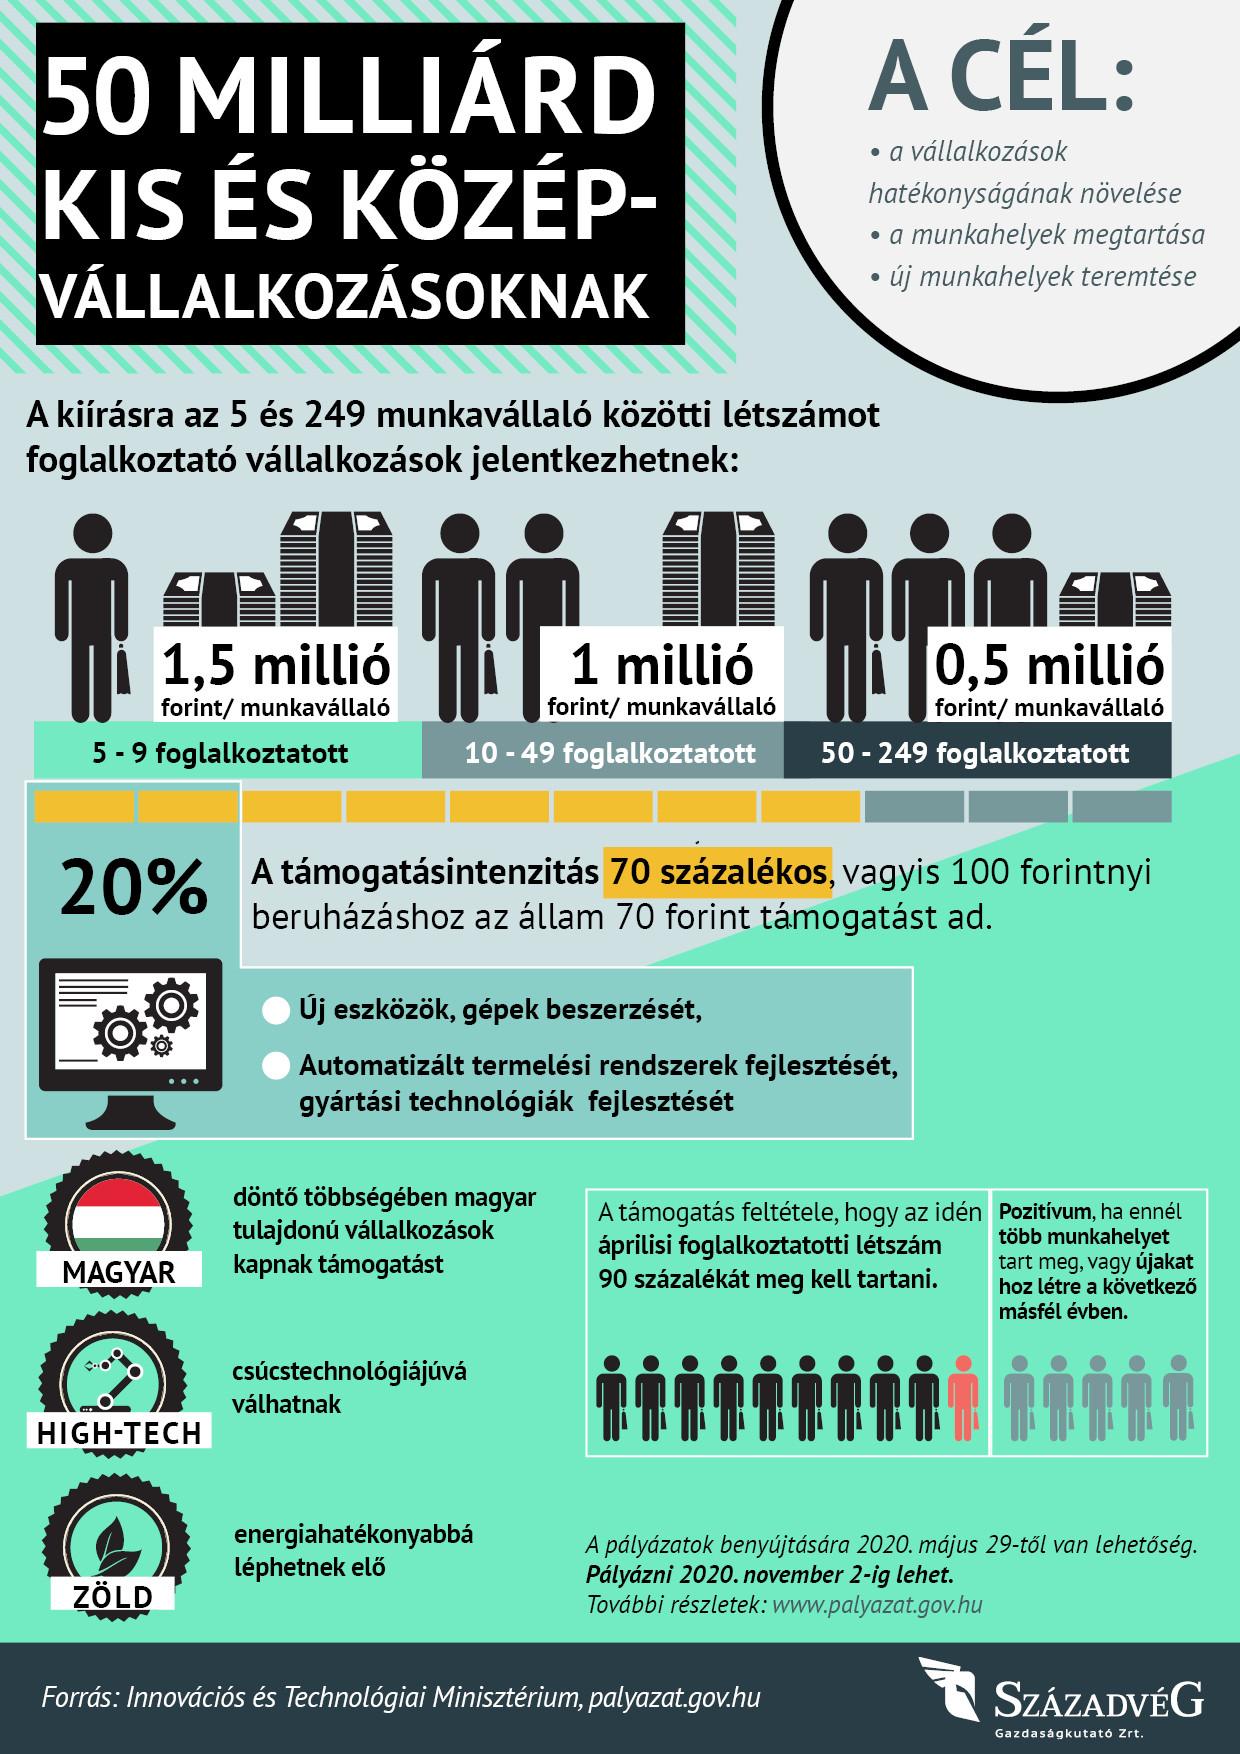 Így kapnak 70 százalékos támogatást a magyar vállalkozók